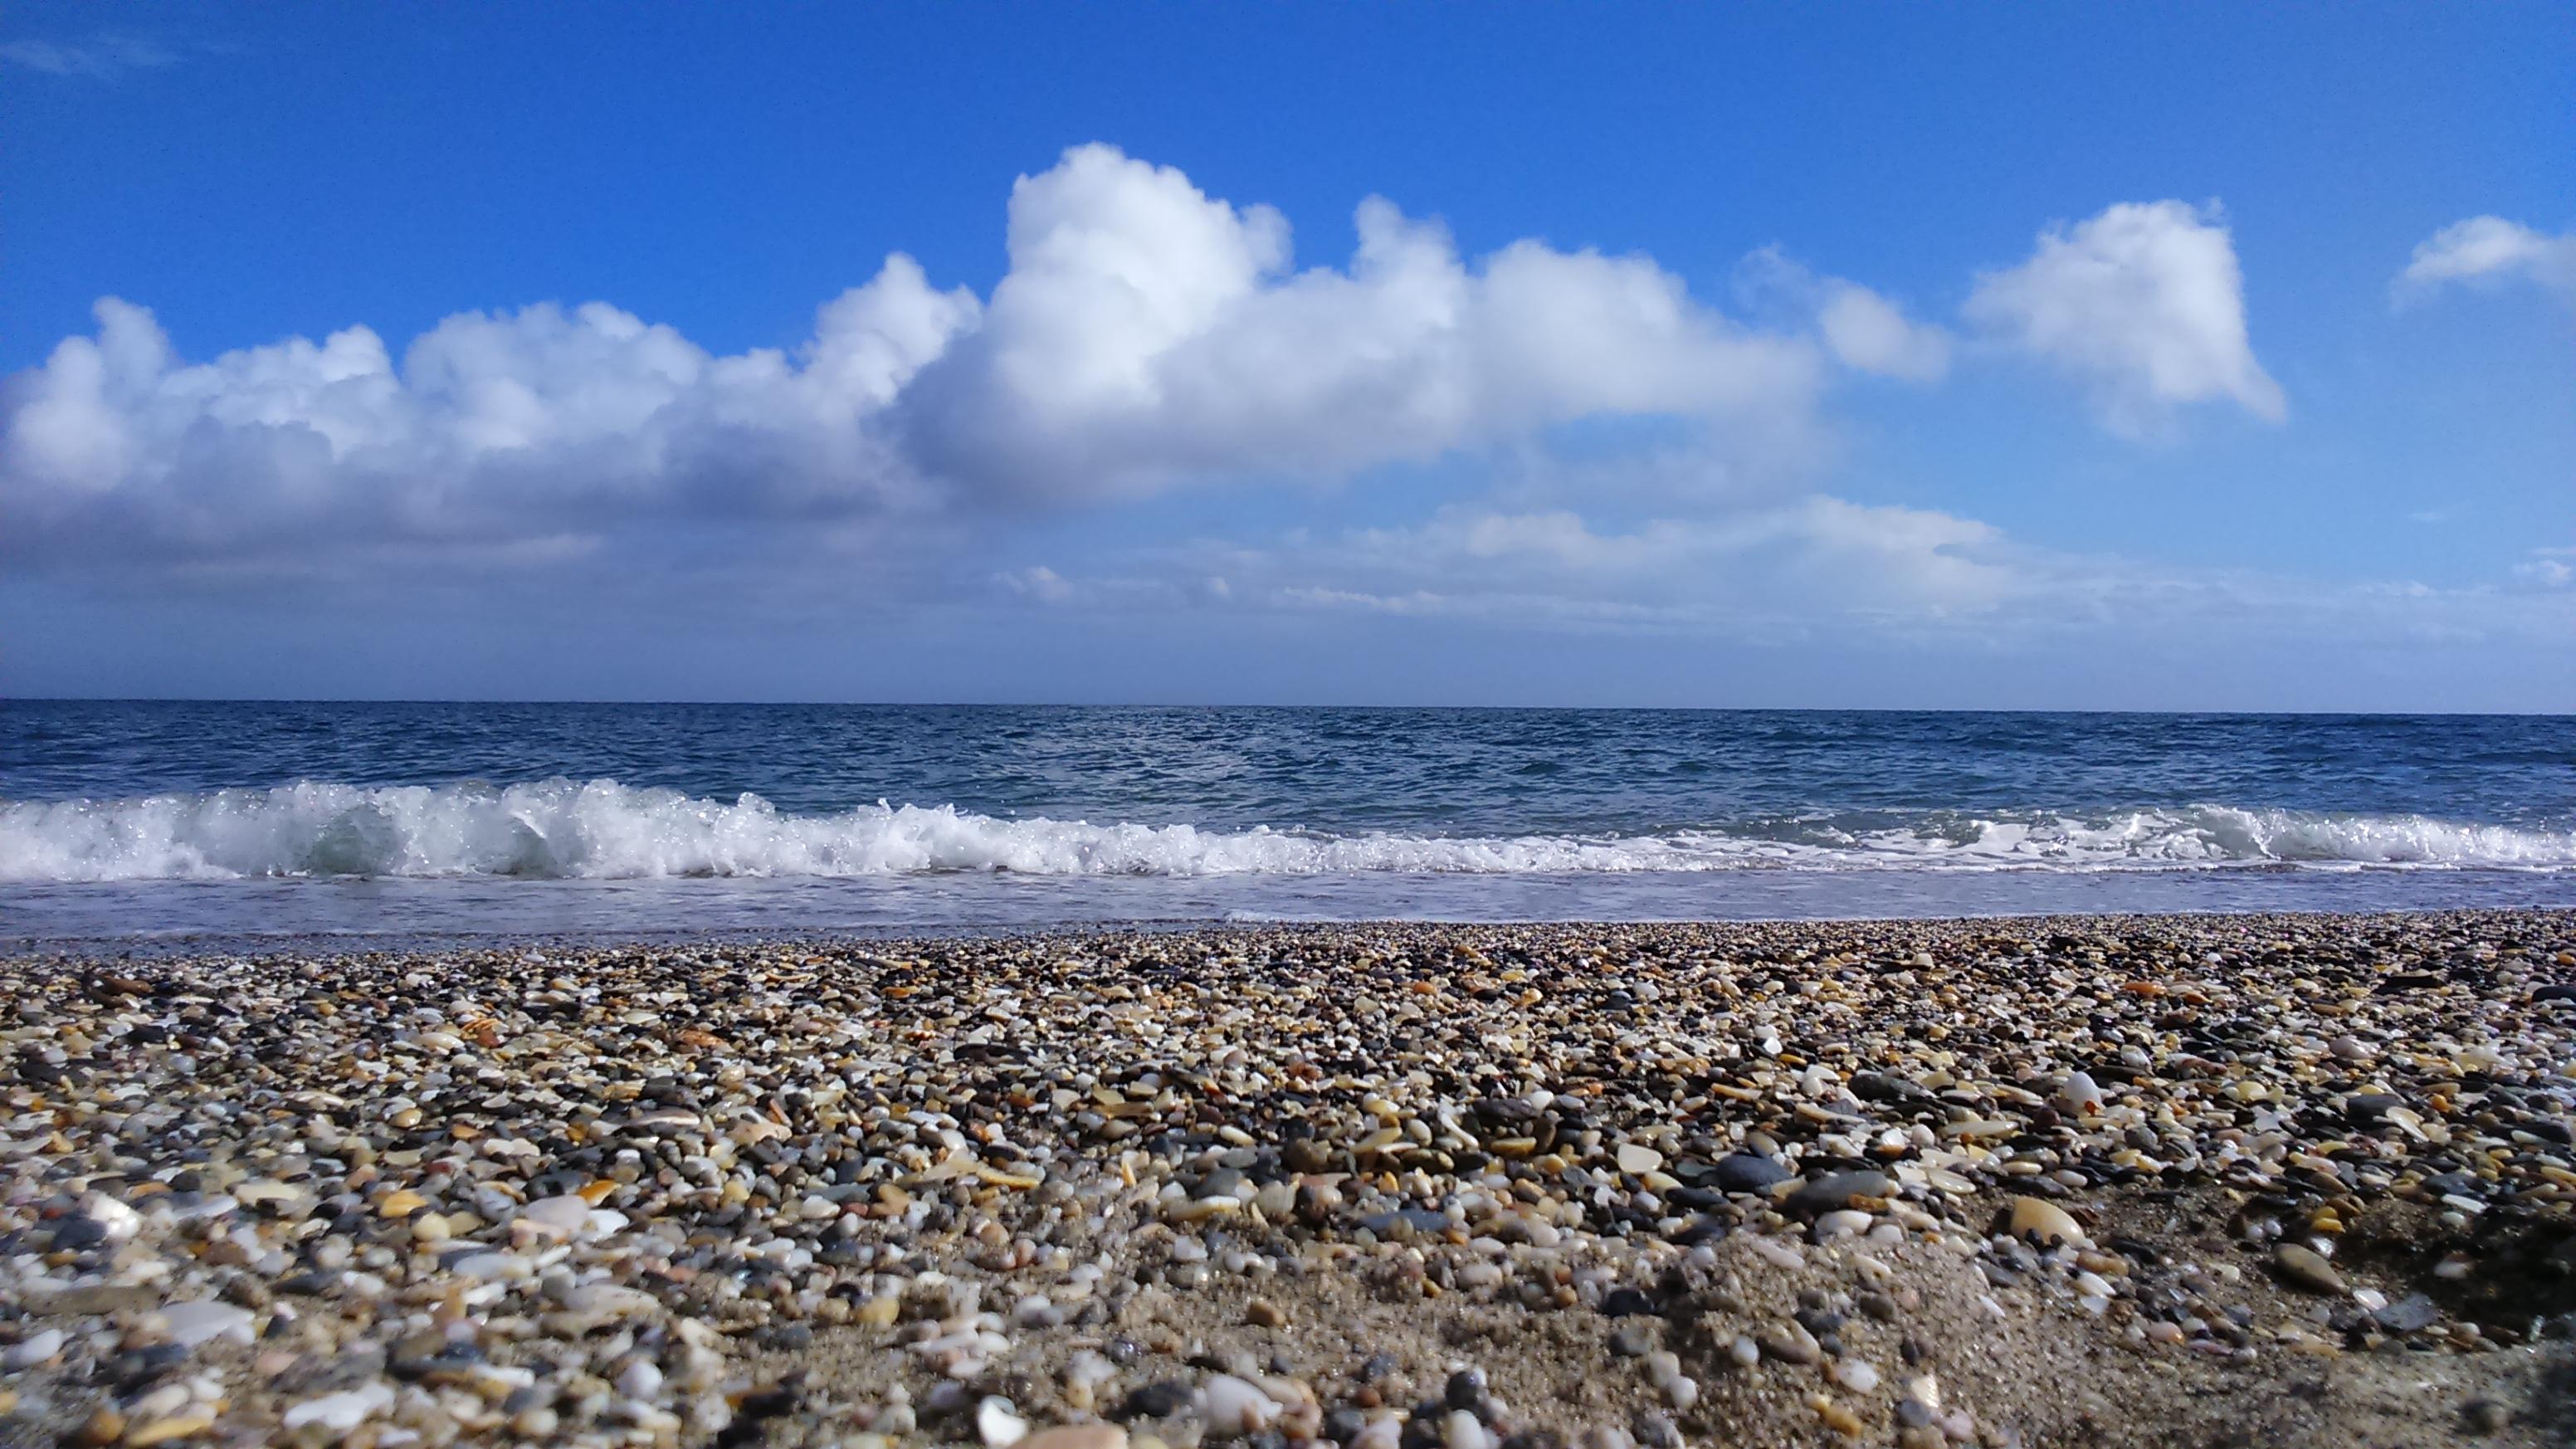 Playa de mijas 12 photo